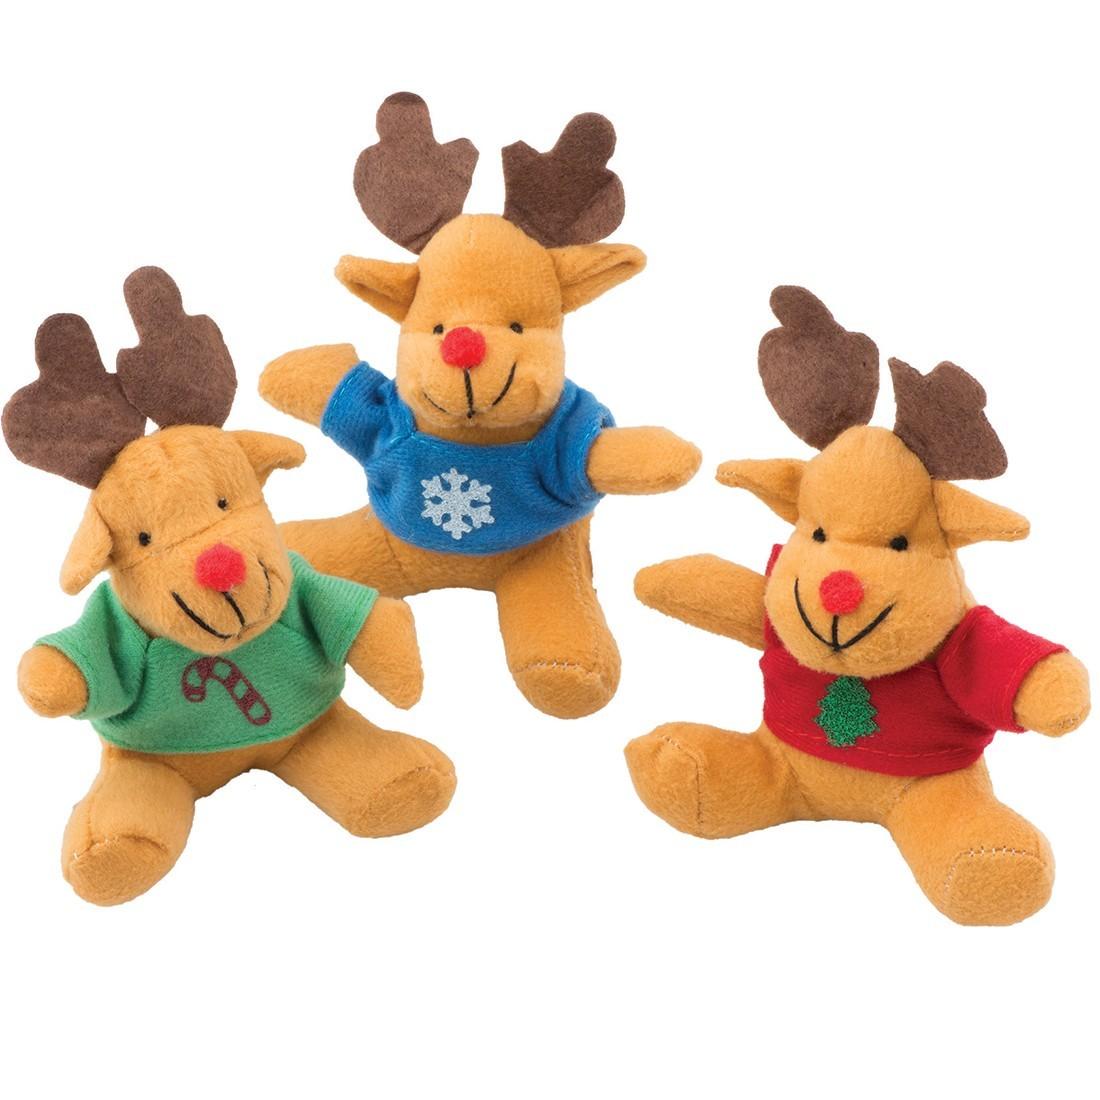 Plush Reindeer [image]